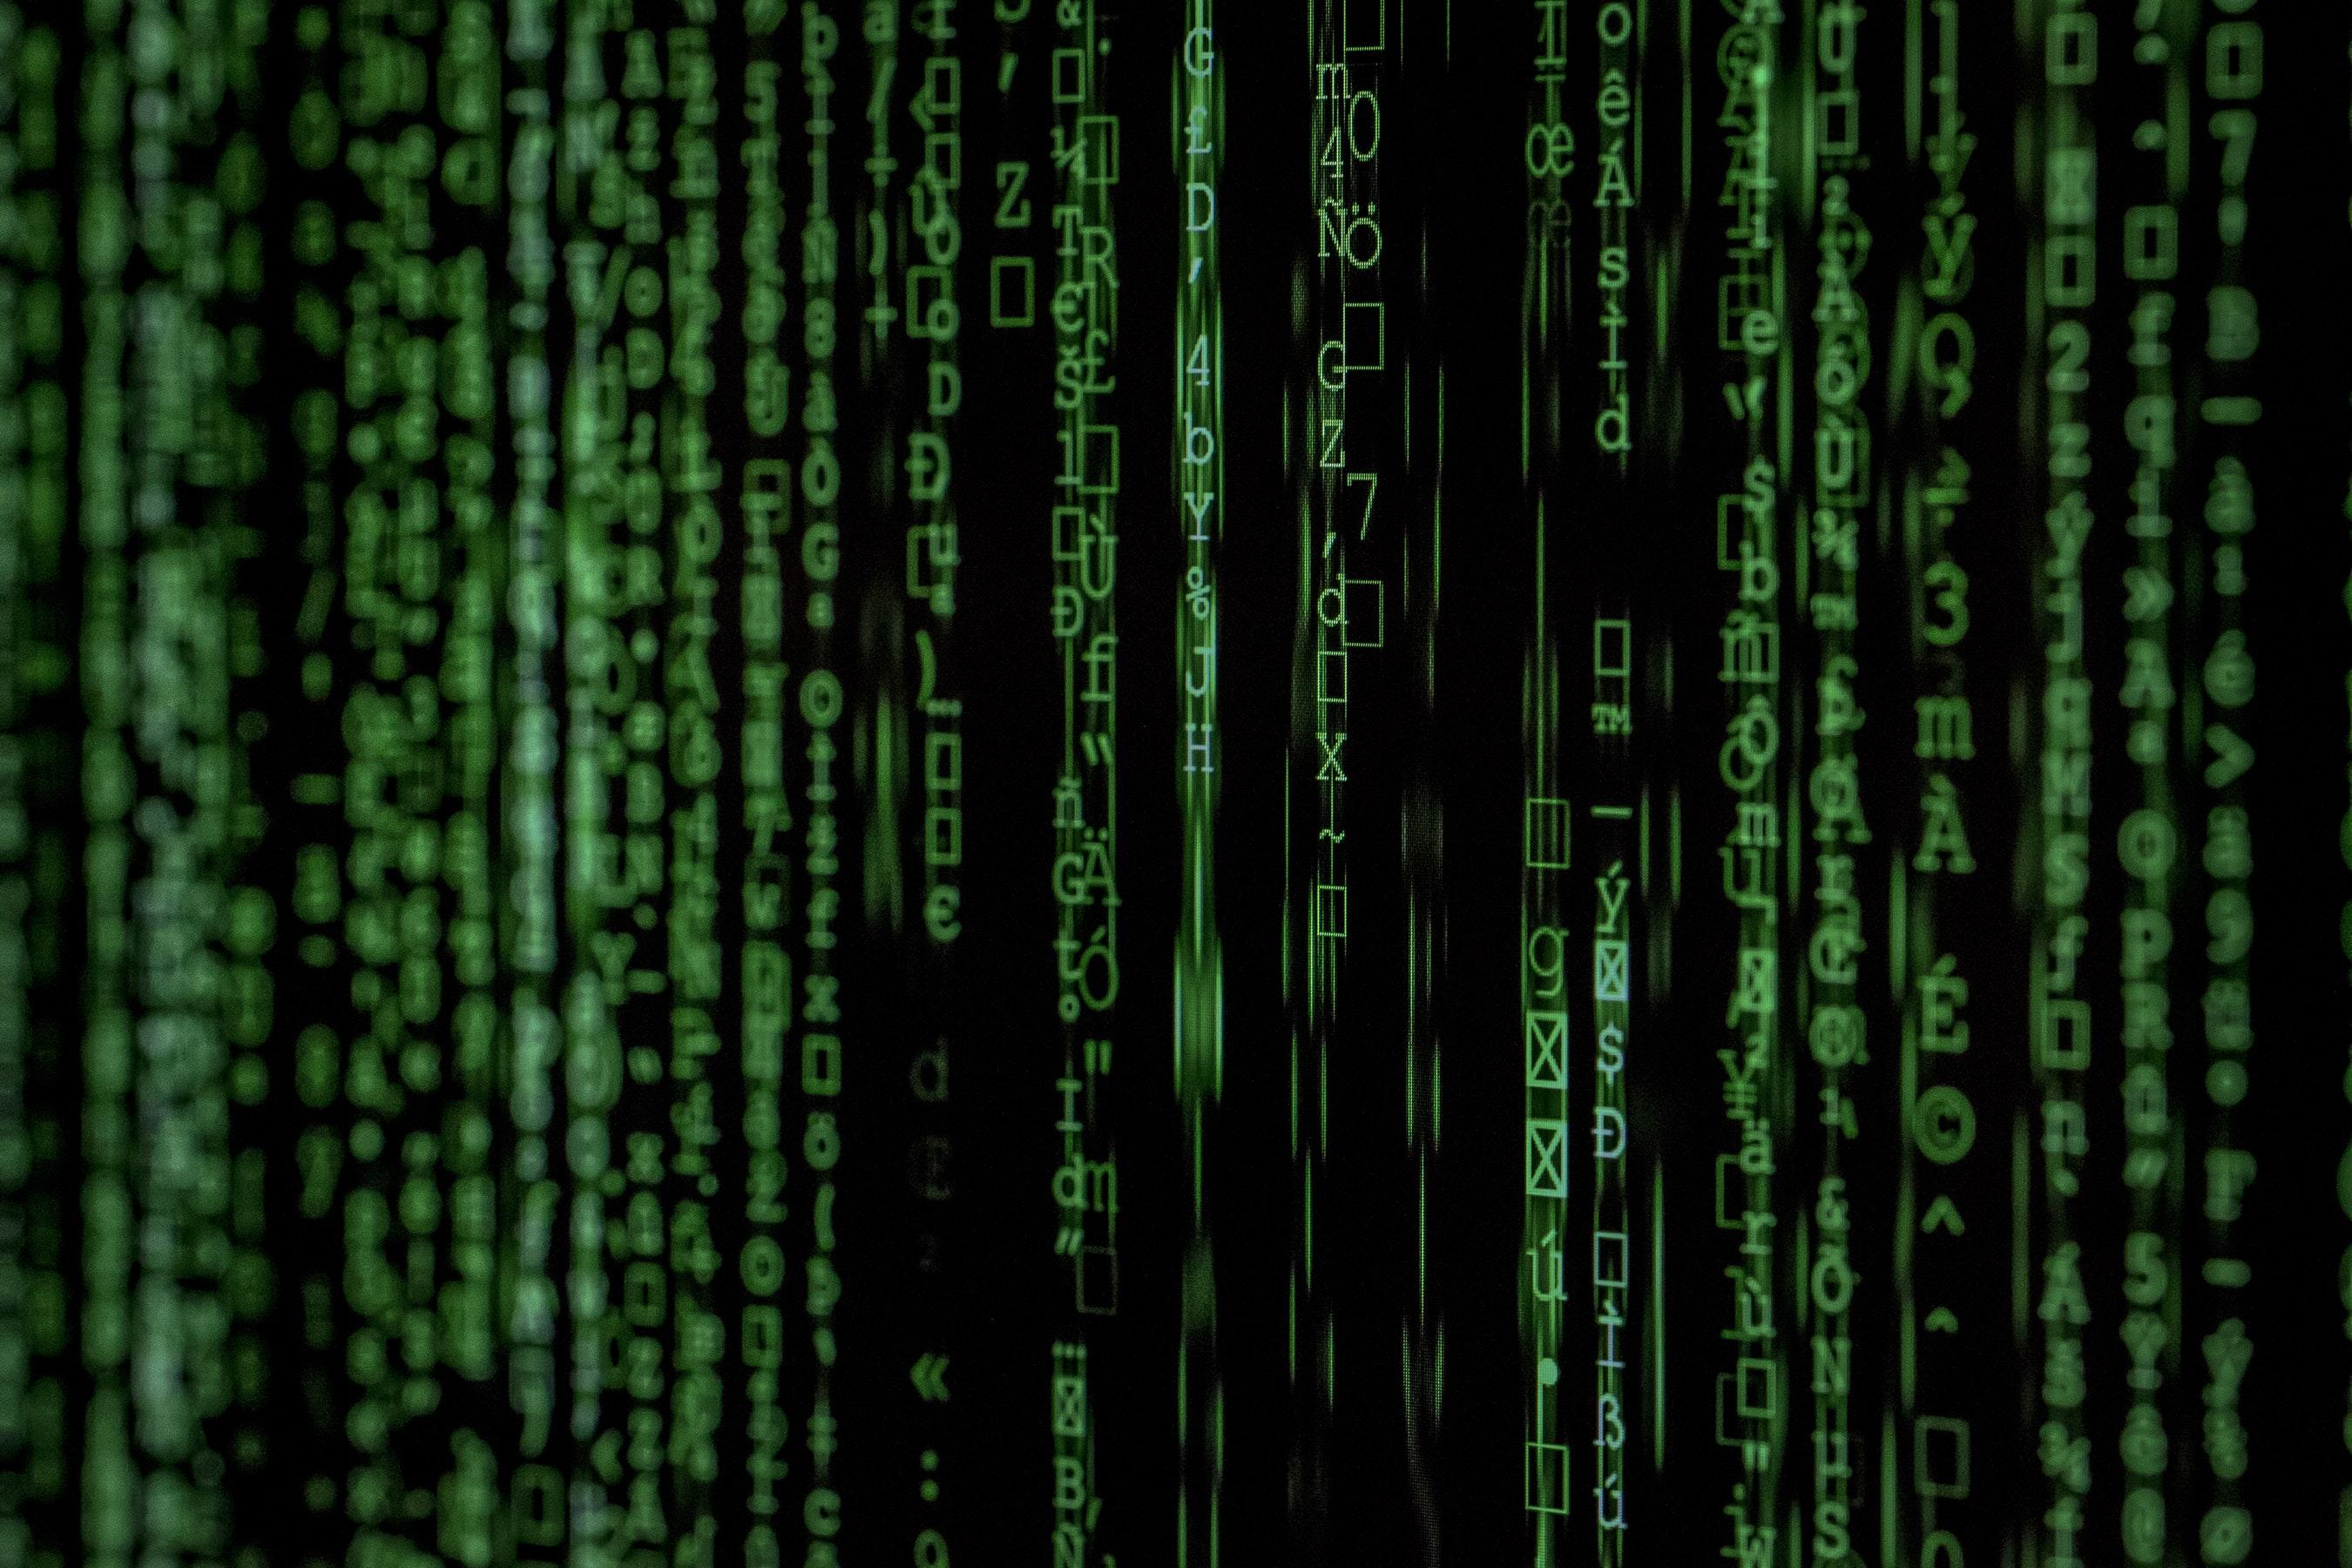 Nach dem Daten-Leck den Datenschutz endlich als Chance begreifen